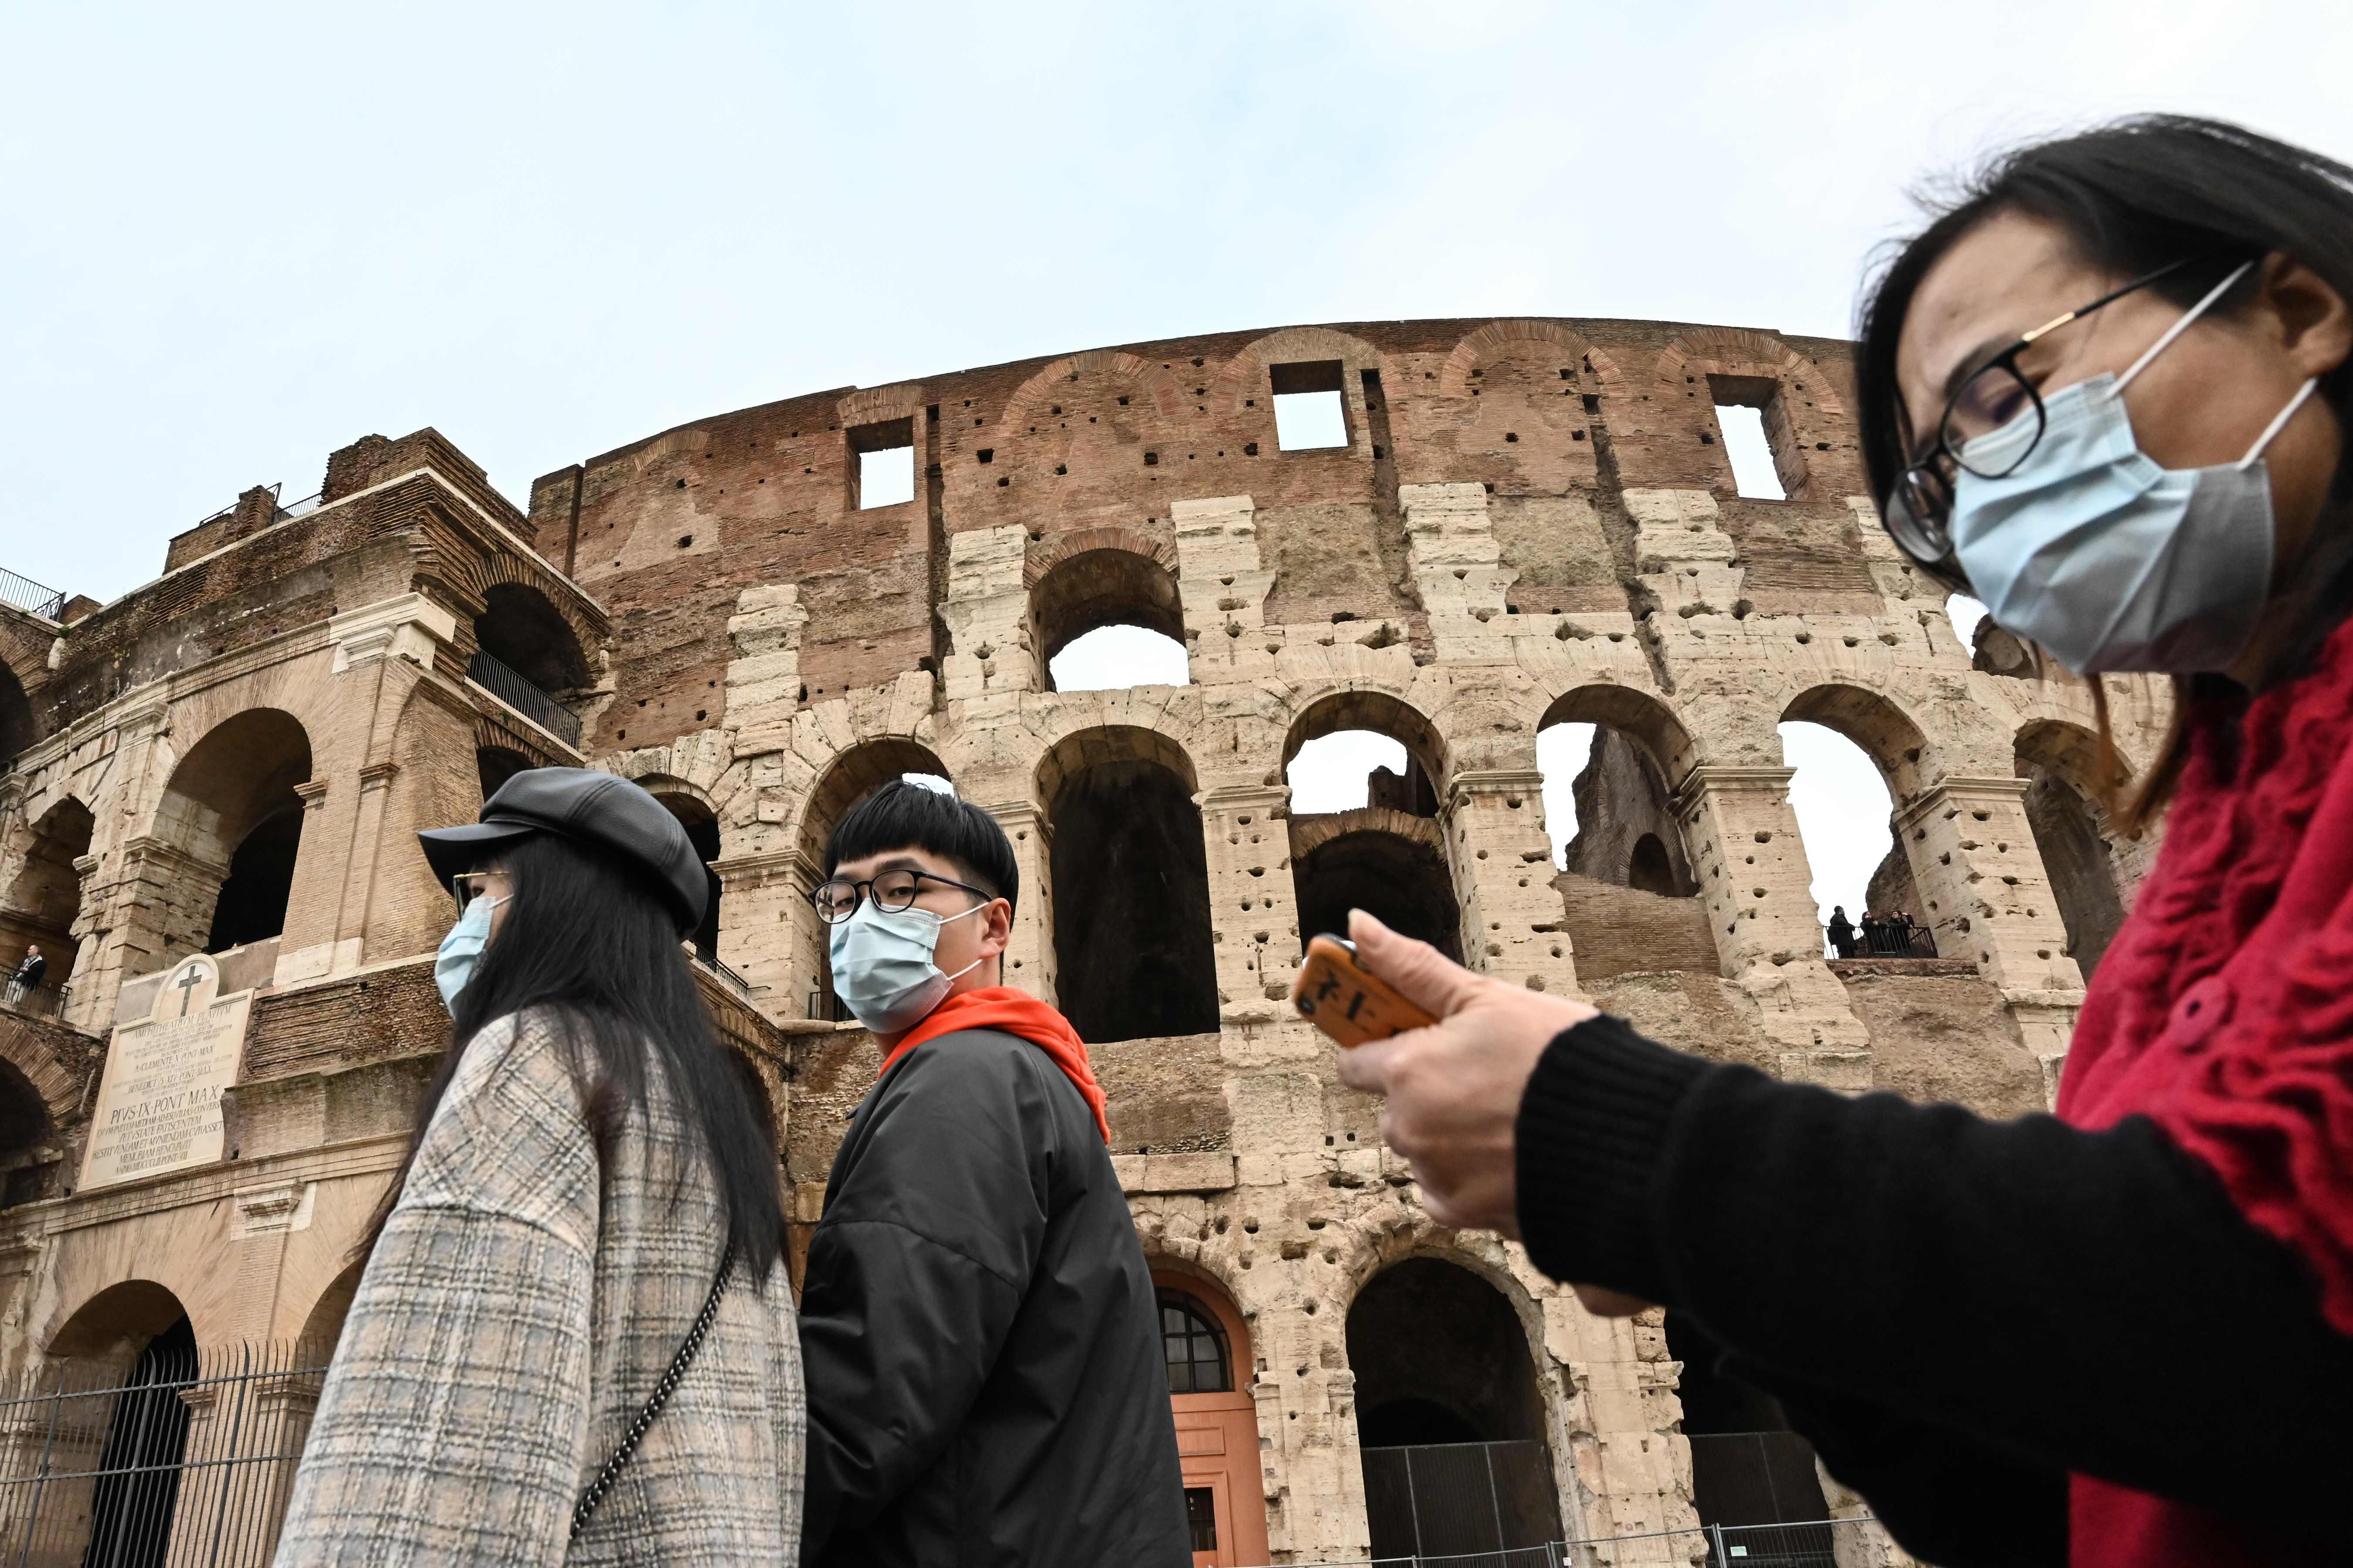 תיירים בקוליסאום ברומא (צילום: AFP)